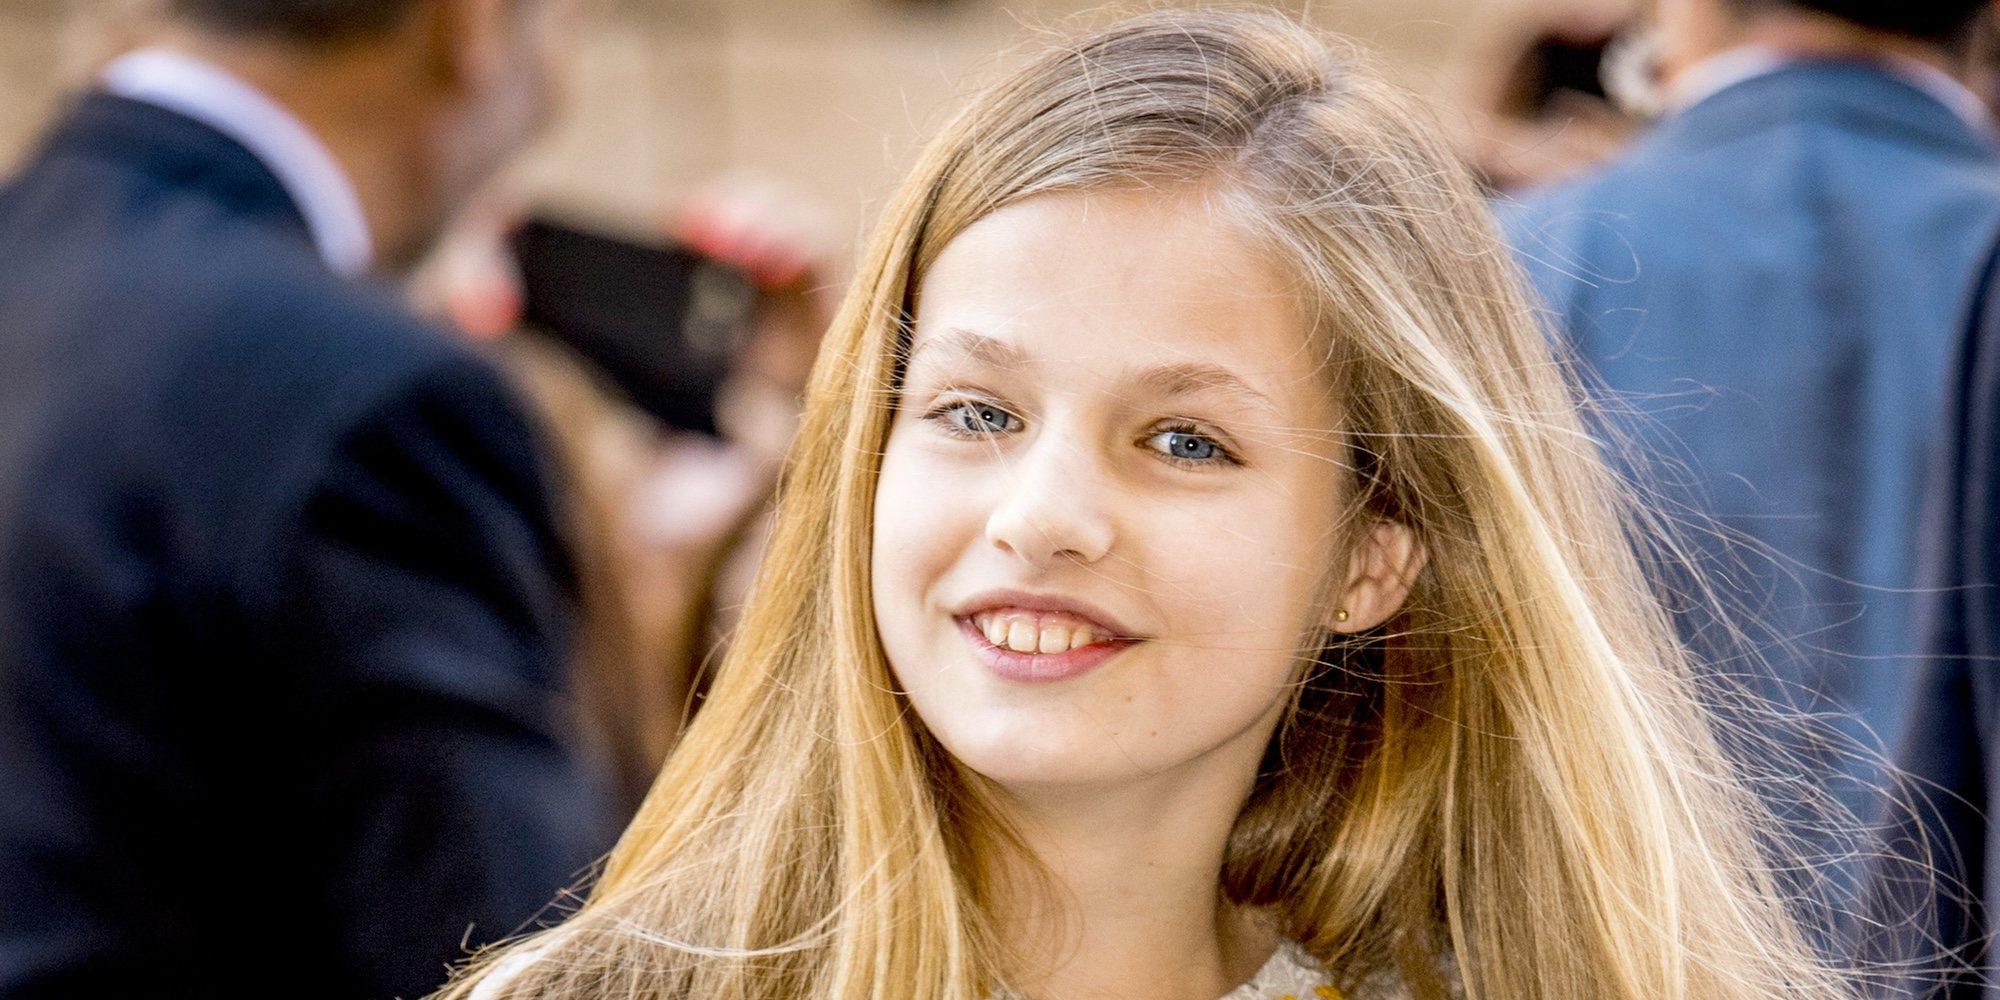 La Princesa Leonor honrará su título de Princesa de Asturias con su primera visita oficial a Covadonga